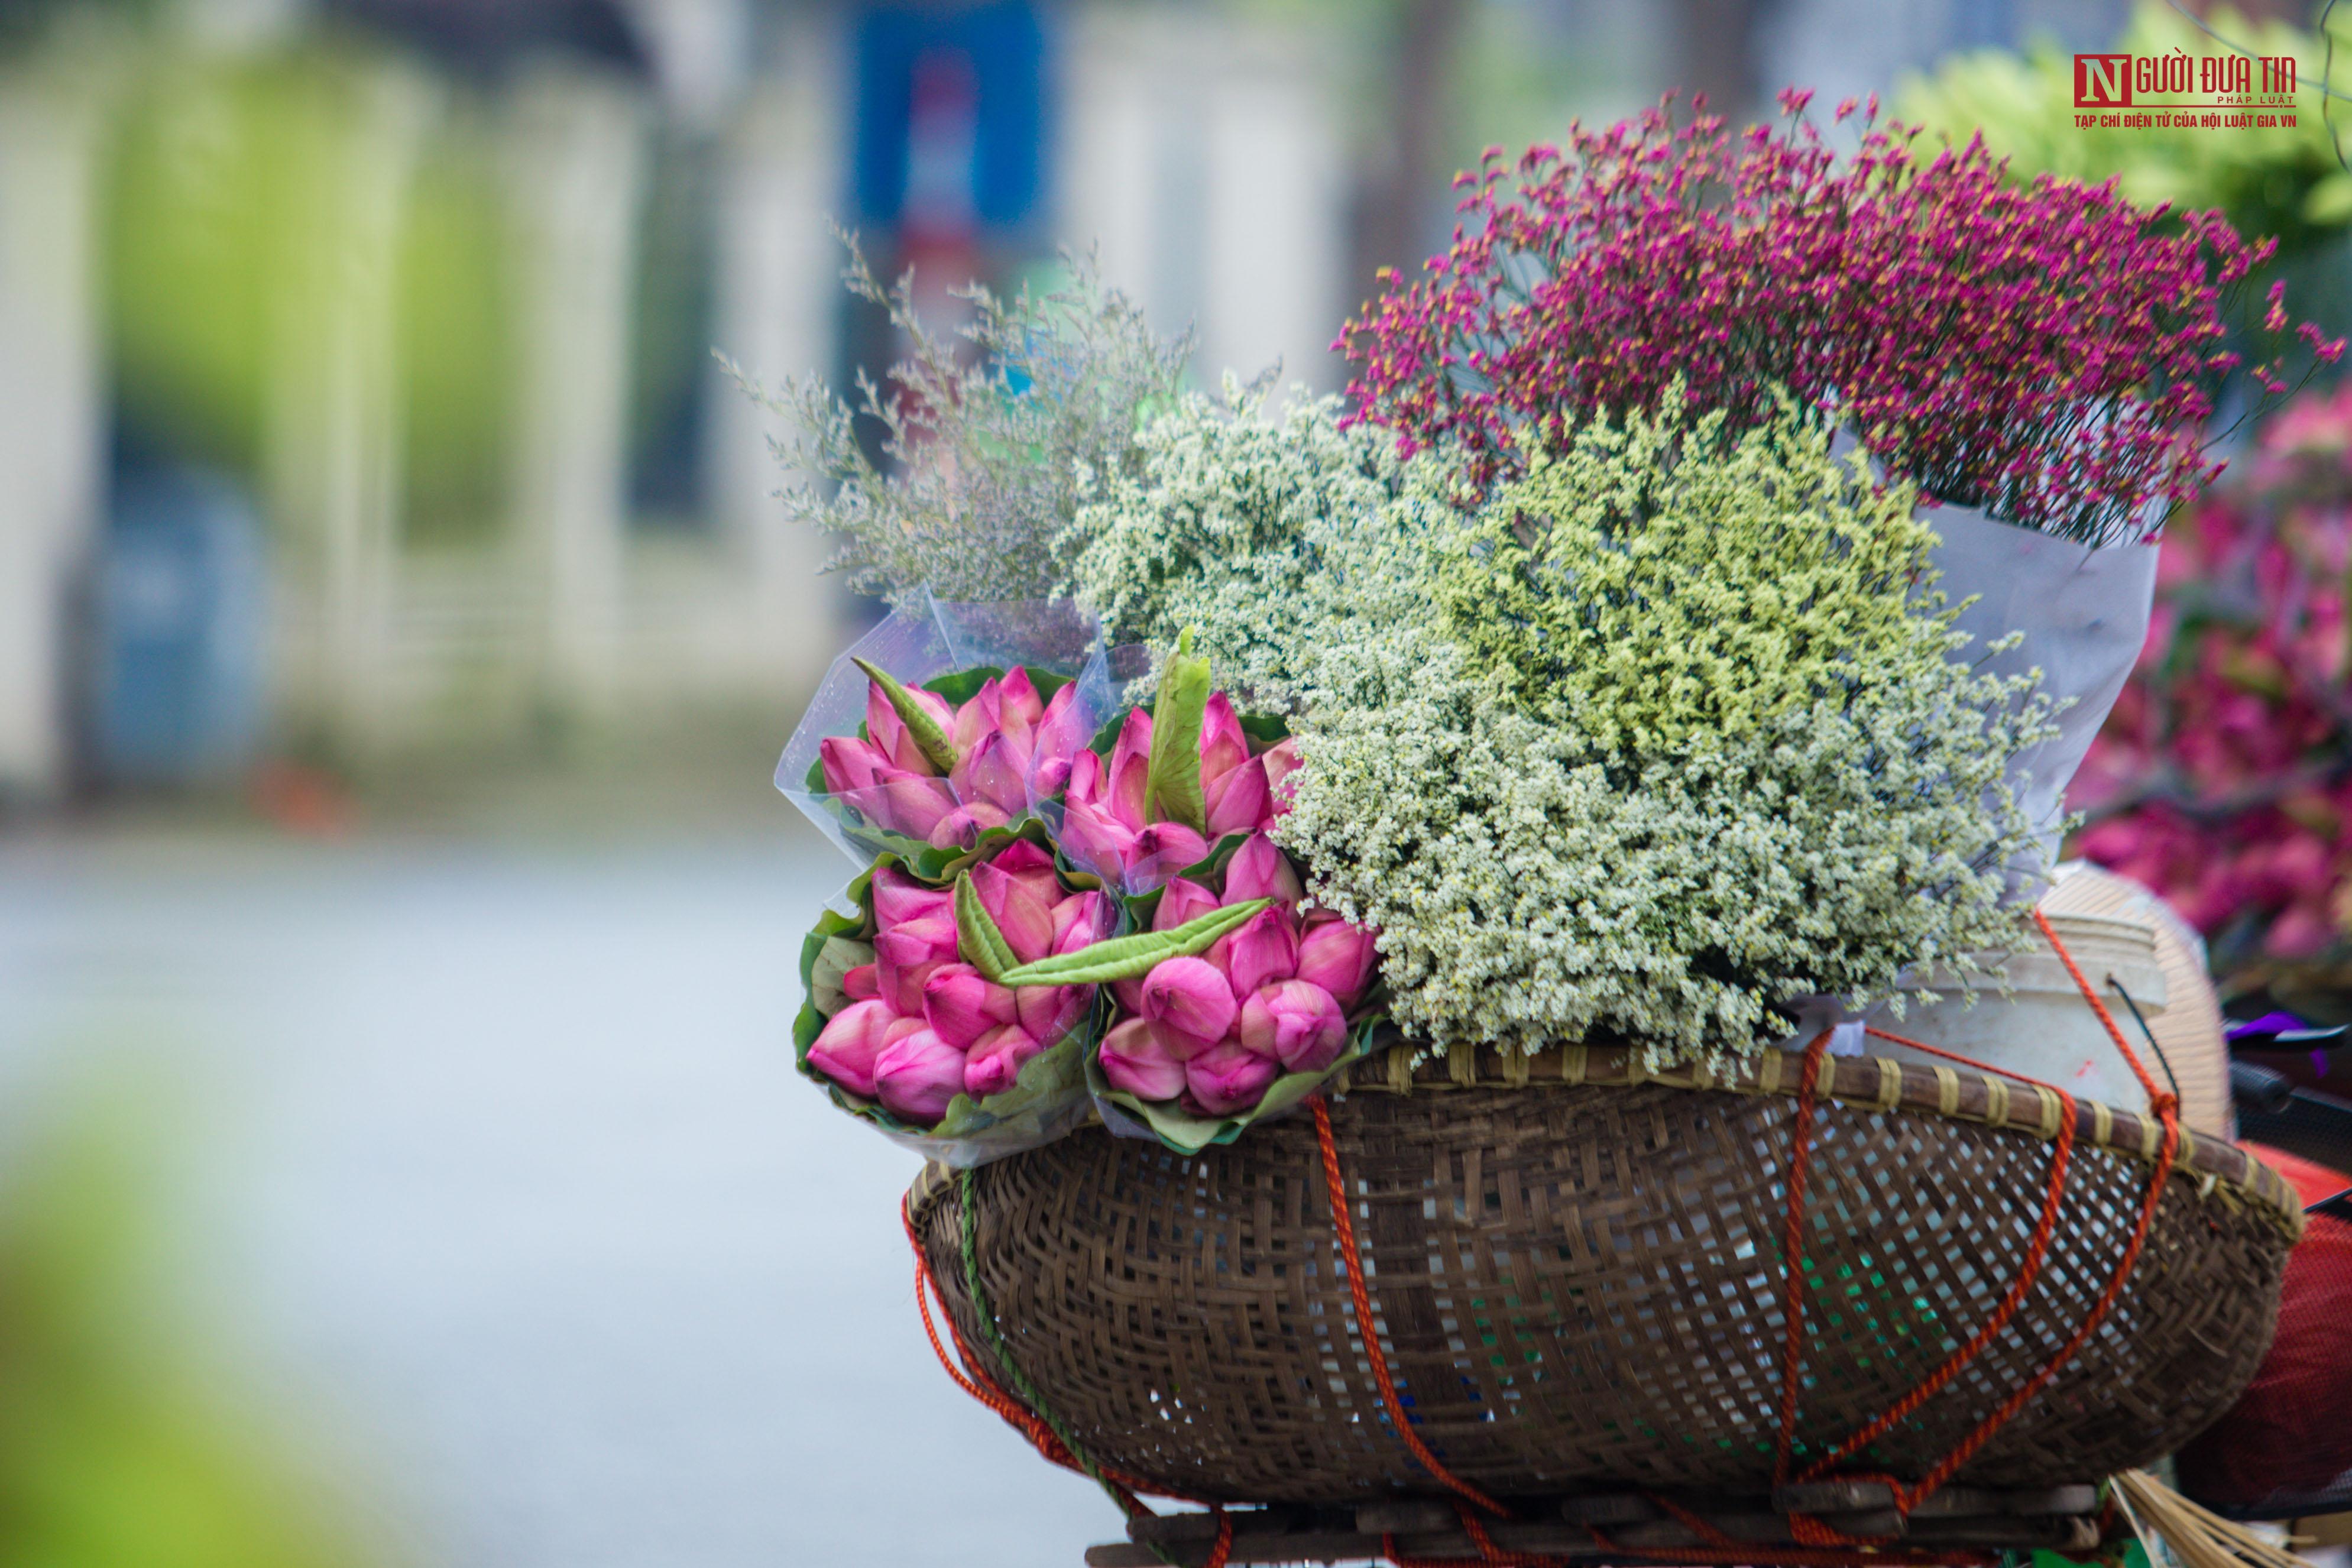 Hoa sen đầu mùa rong ruổi khắp phố phường Hà Nội Ảnh 1